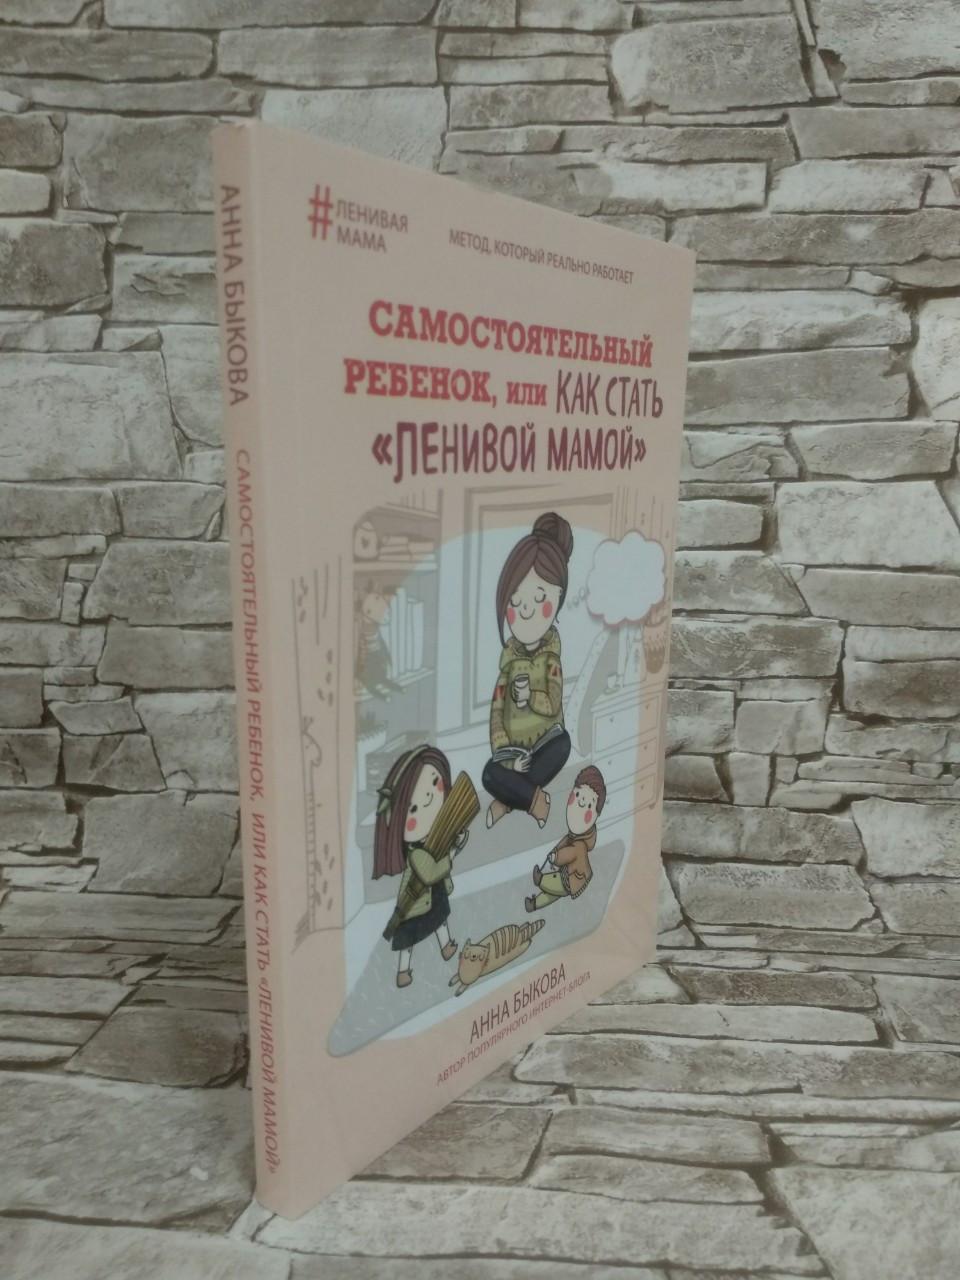 """Книга """"Самостоятельный ребенок, или Как стать «ленивой мамой»"""" Анна Быкова"""